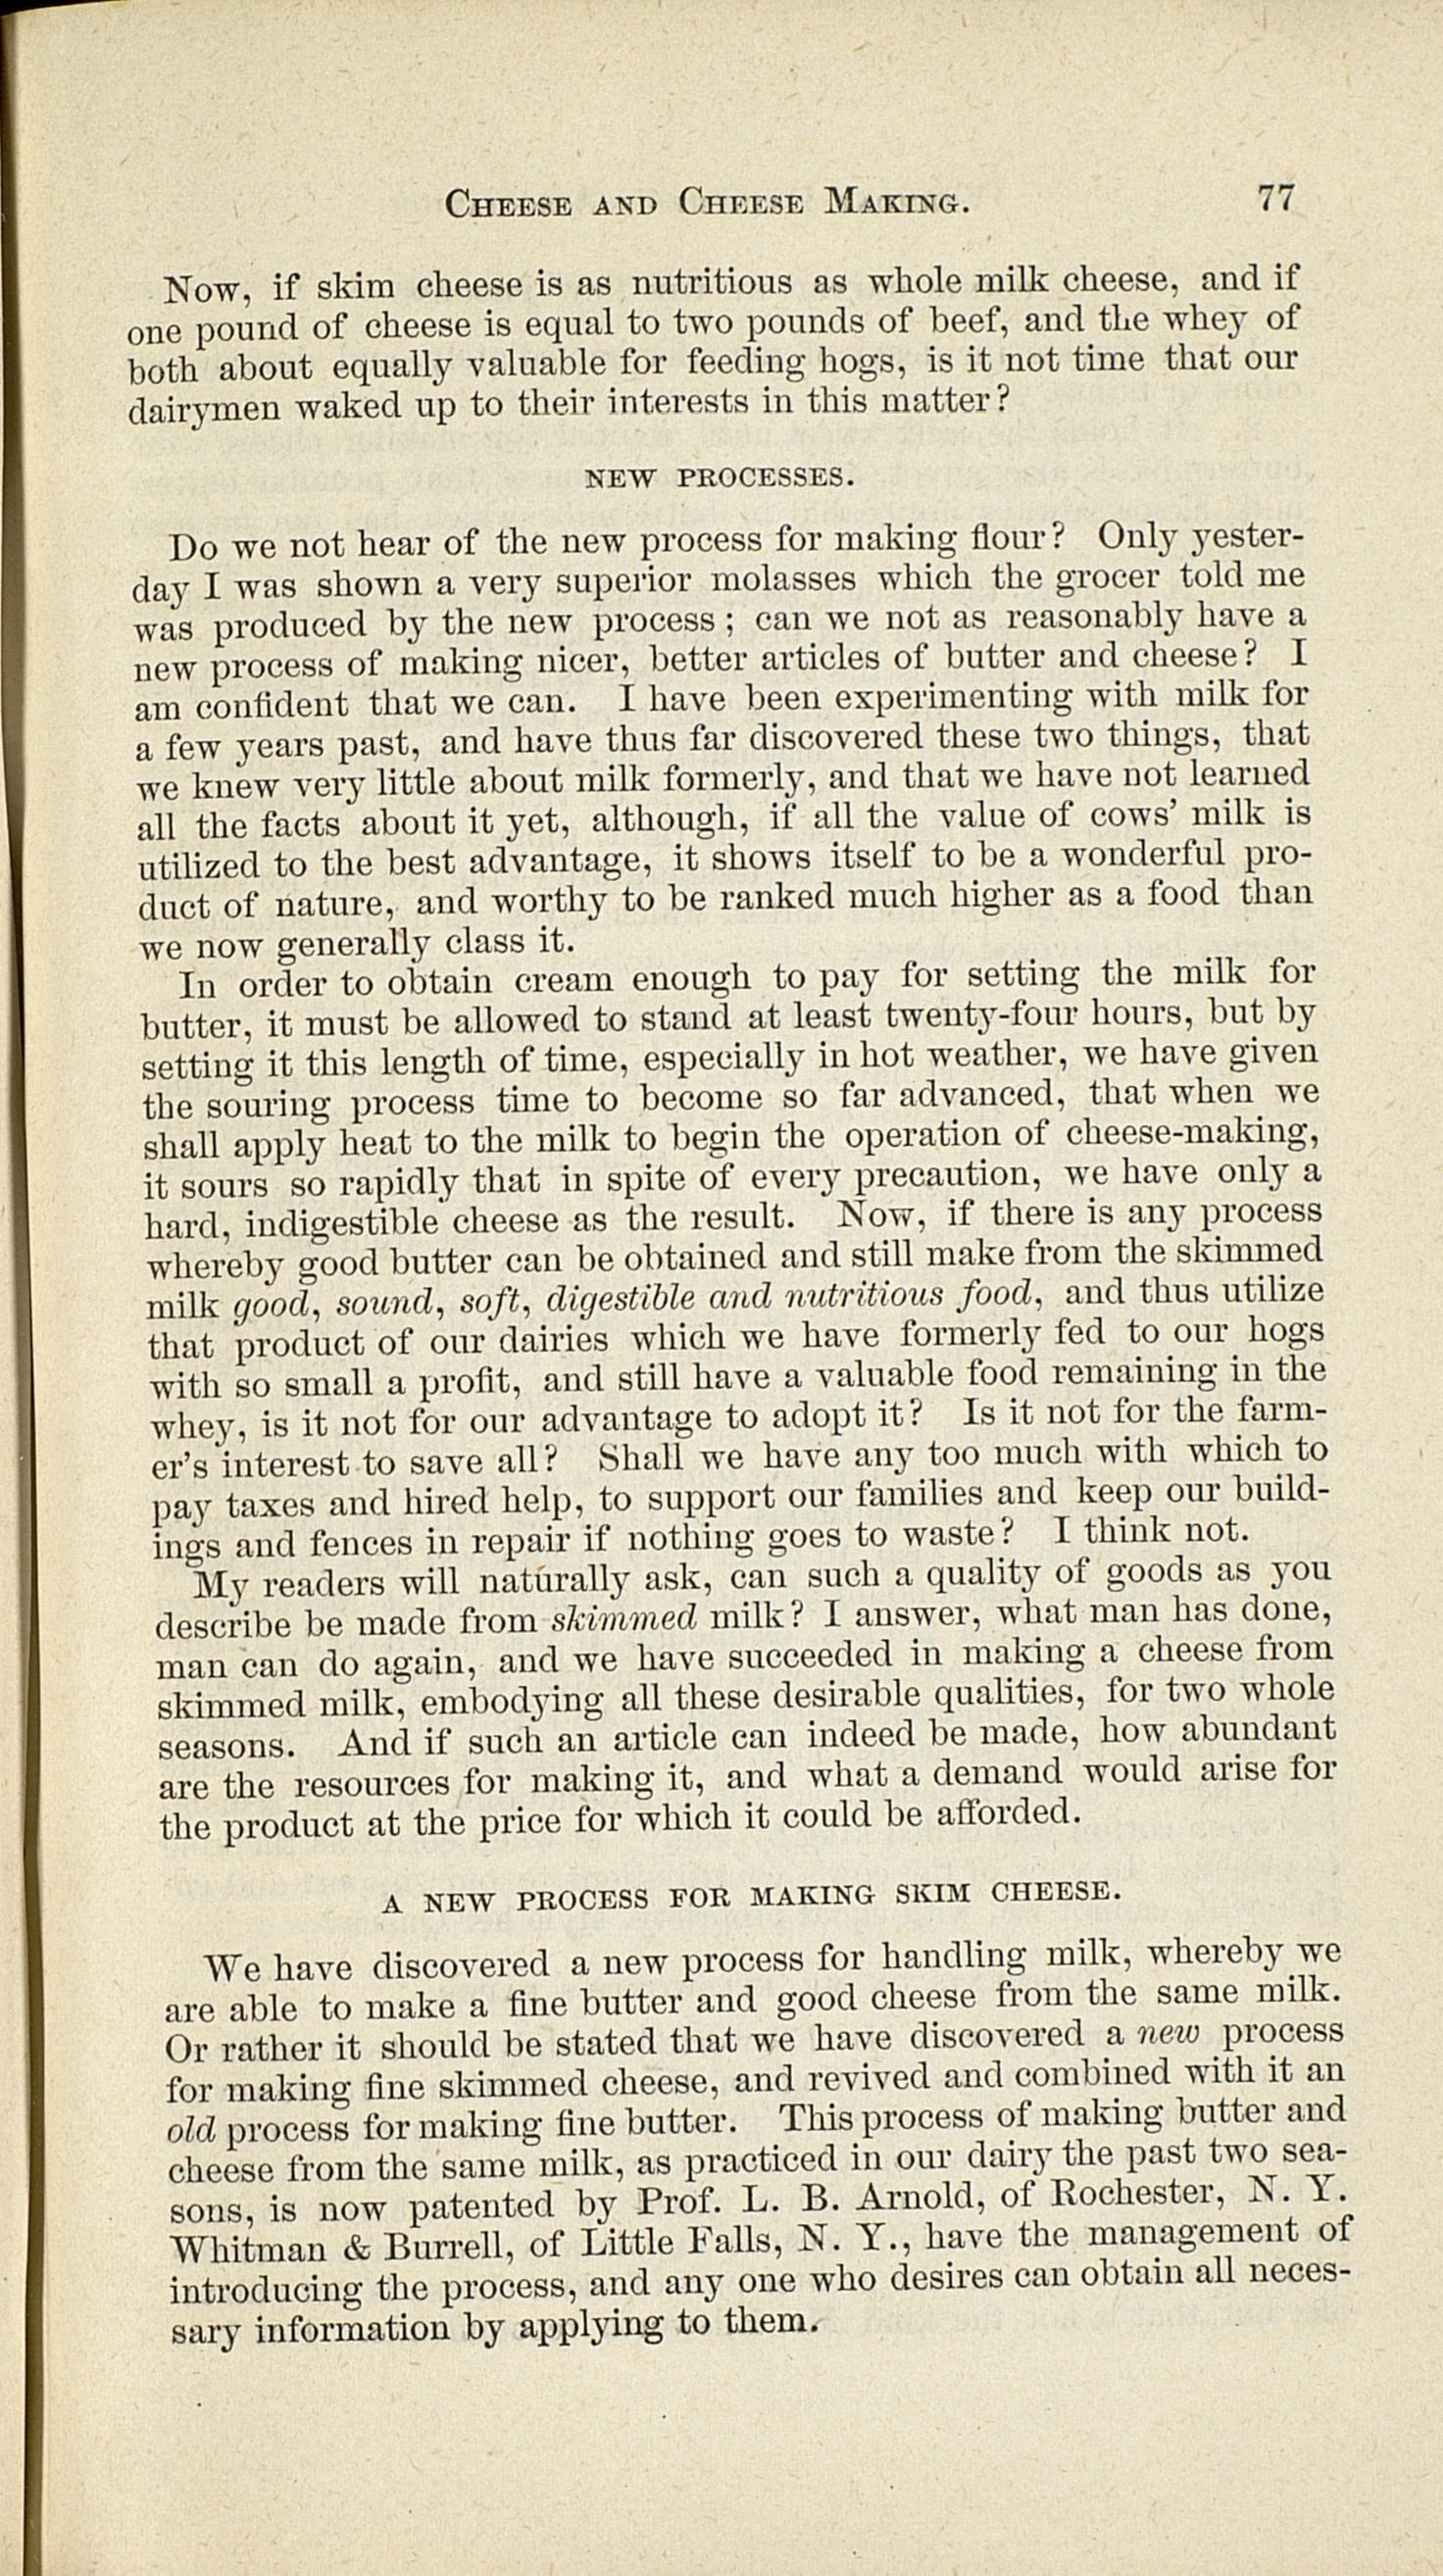 jmt-1877-ellsworth-cheeseandcheesemaking002.jpg